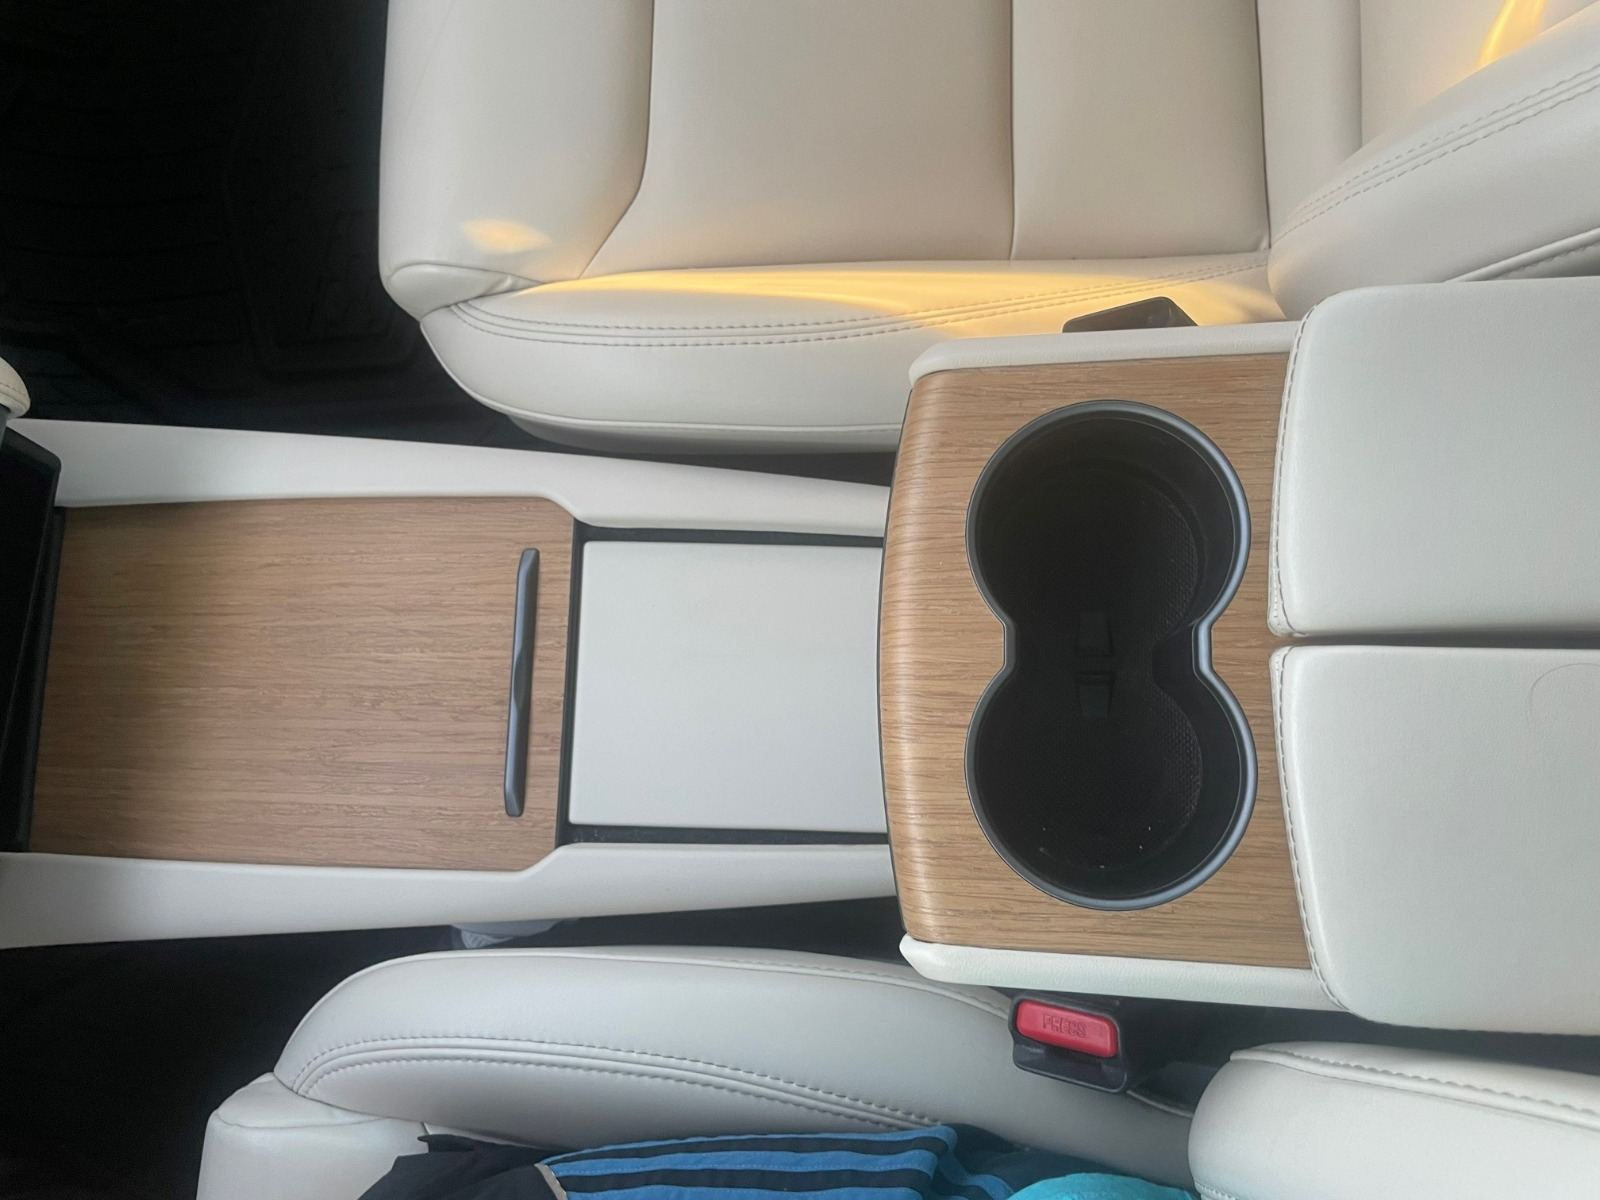 2020 Model X Long Range AWD full